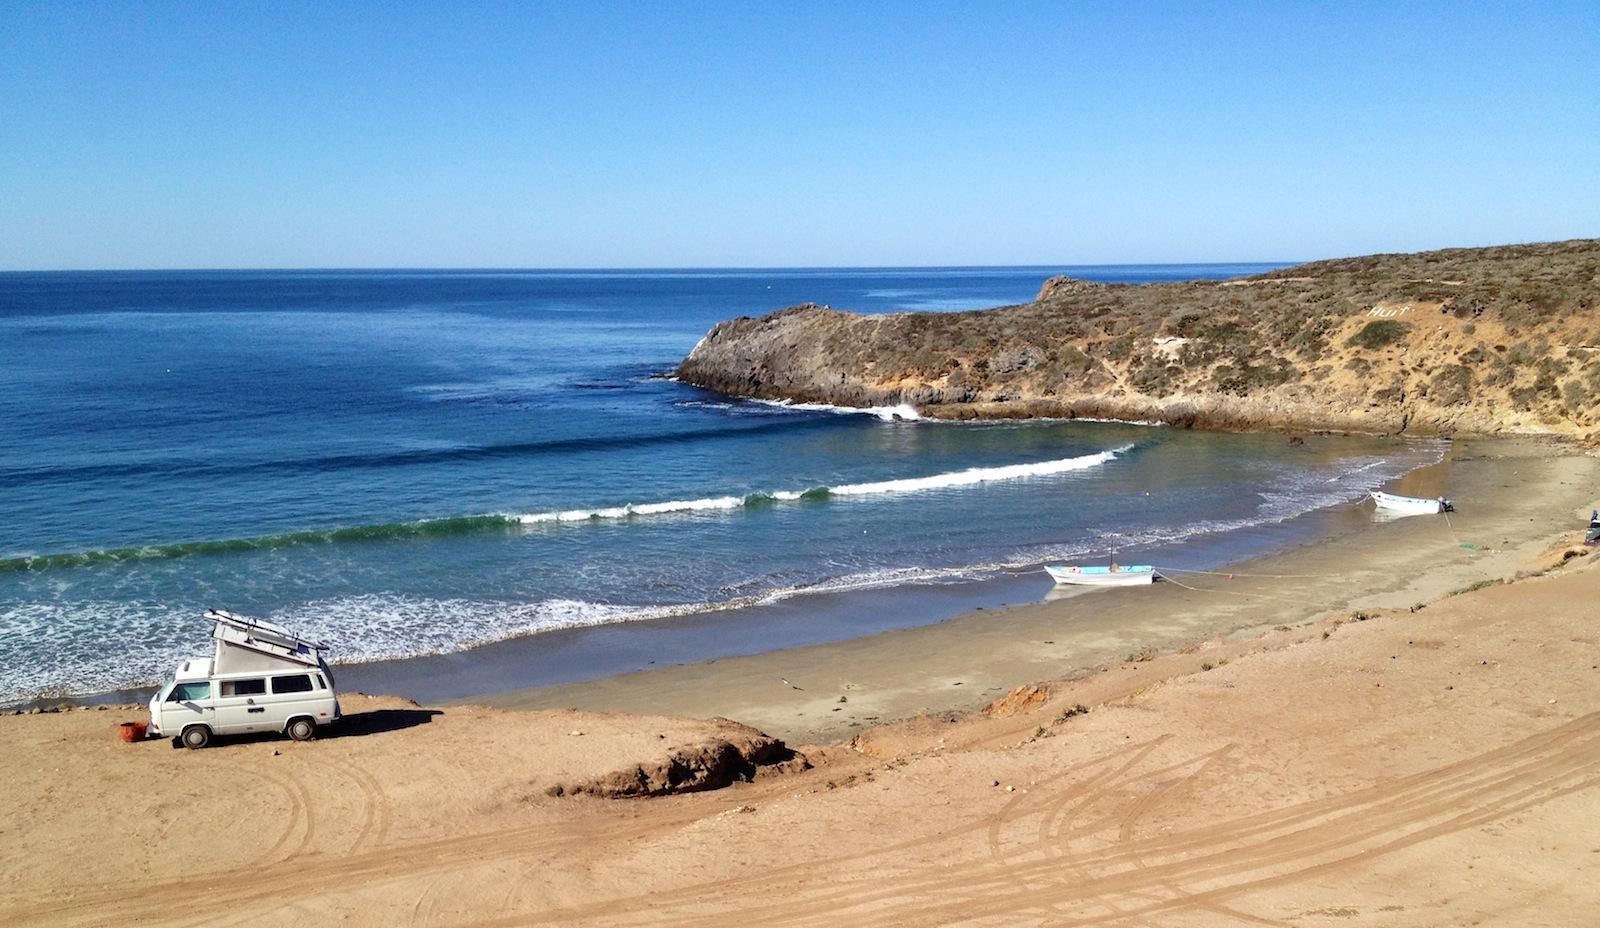 Camping down in Baja